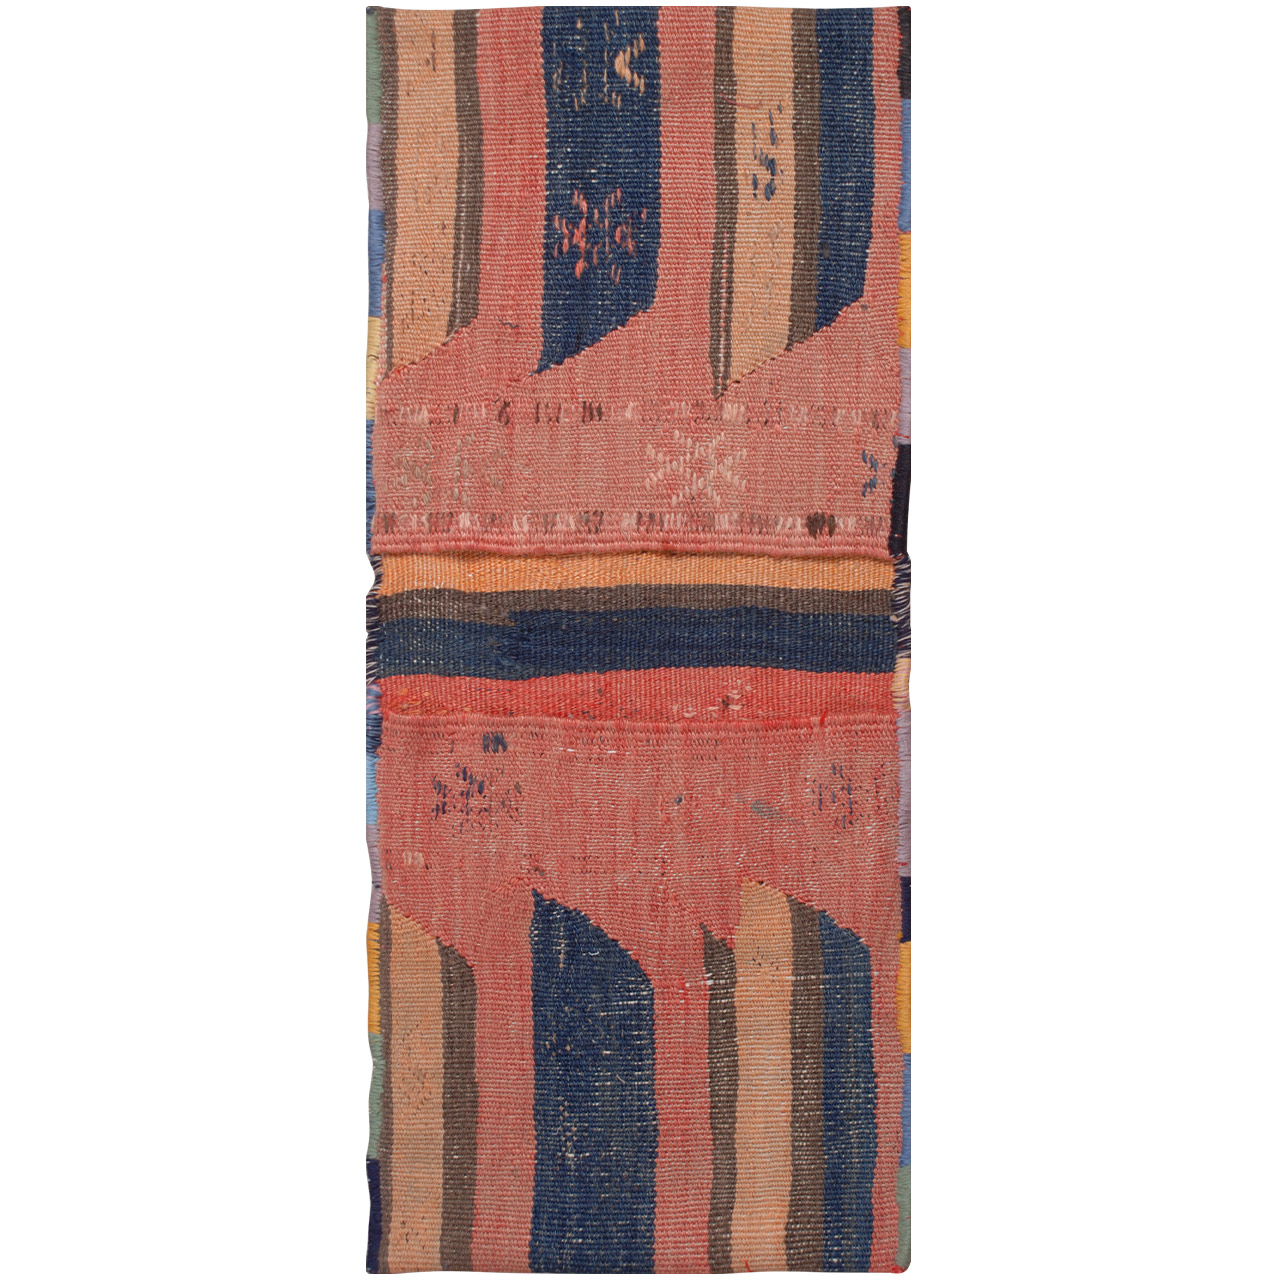 خورجین دستبافت قدیمی فرش هريس کد 101303